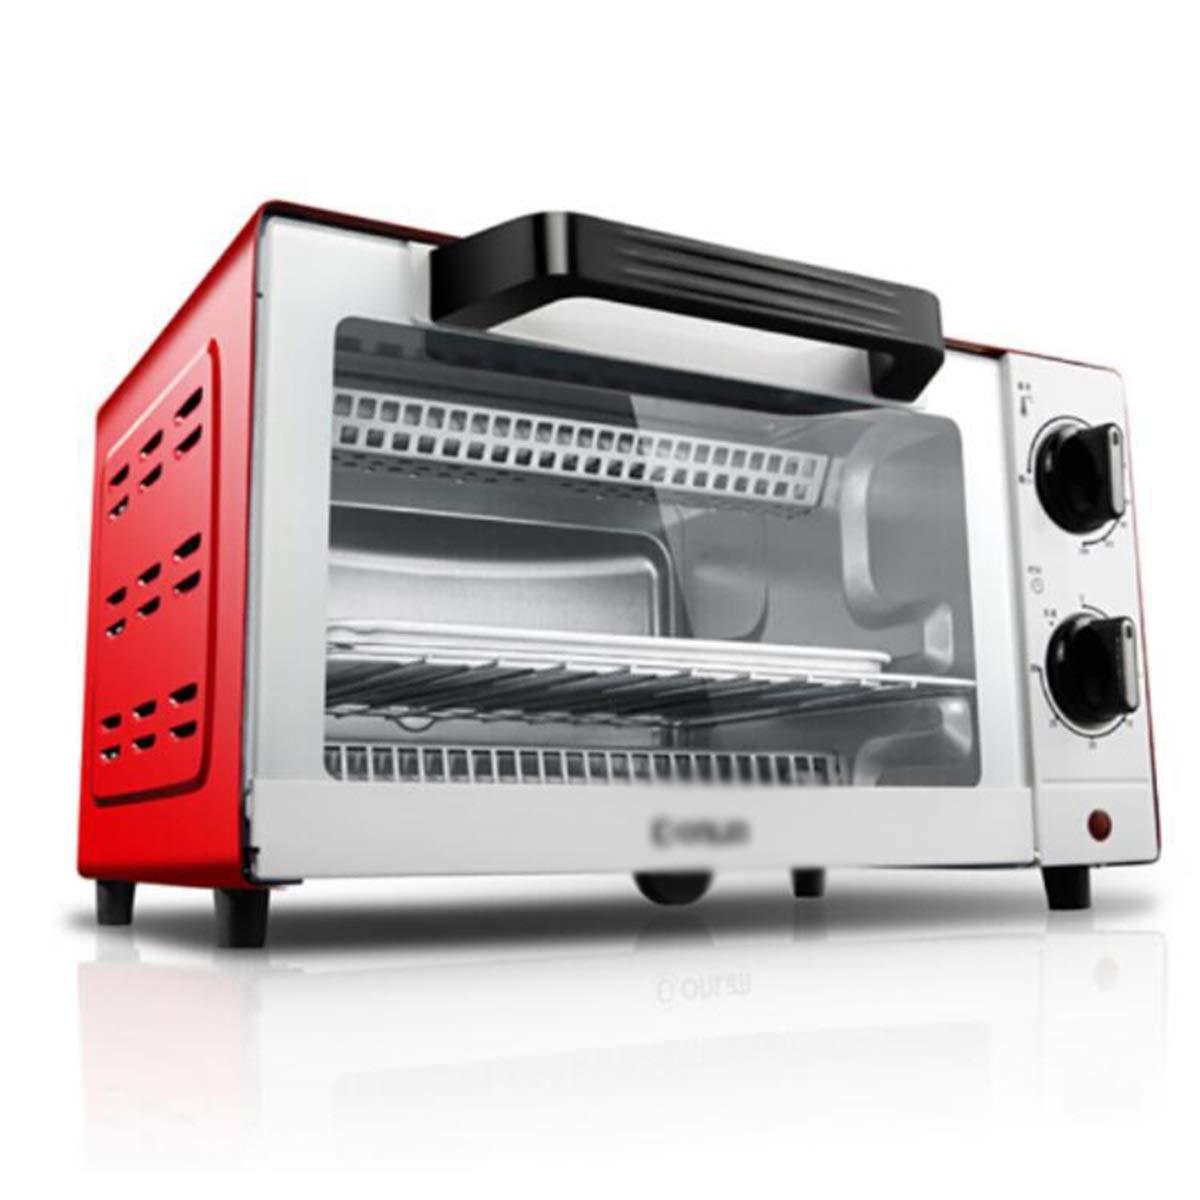 NKDK オーブン多機能電気オーブンホームベーキング小型オーブン温度制御ミニケーキ -38 オーブン B07RW9Z1JT